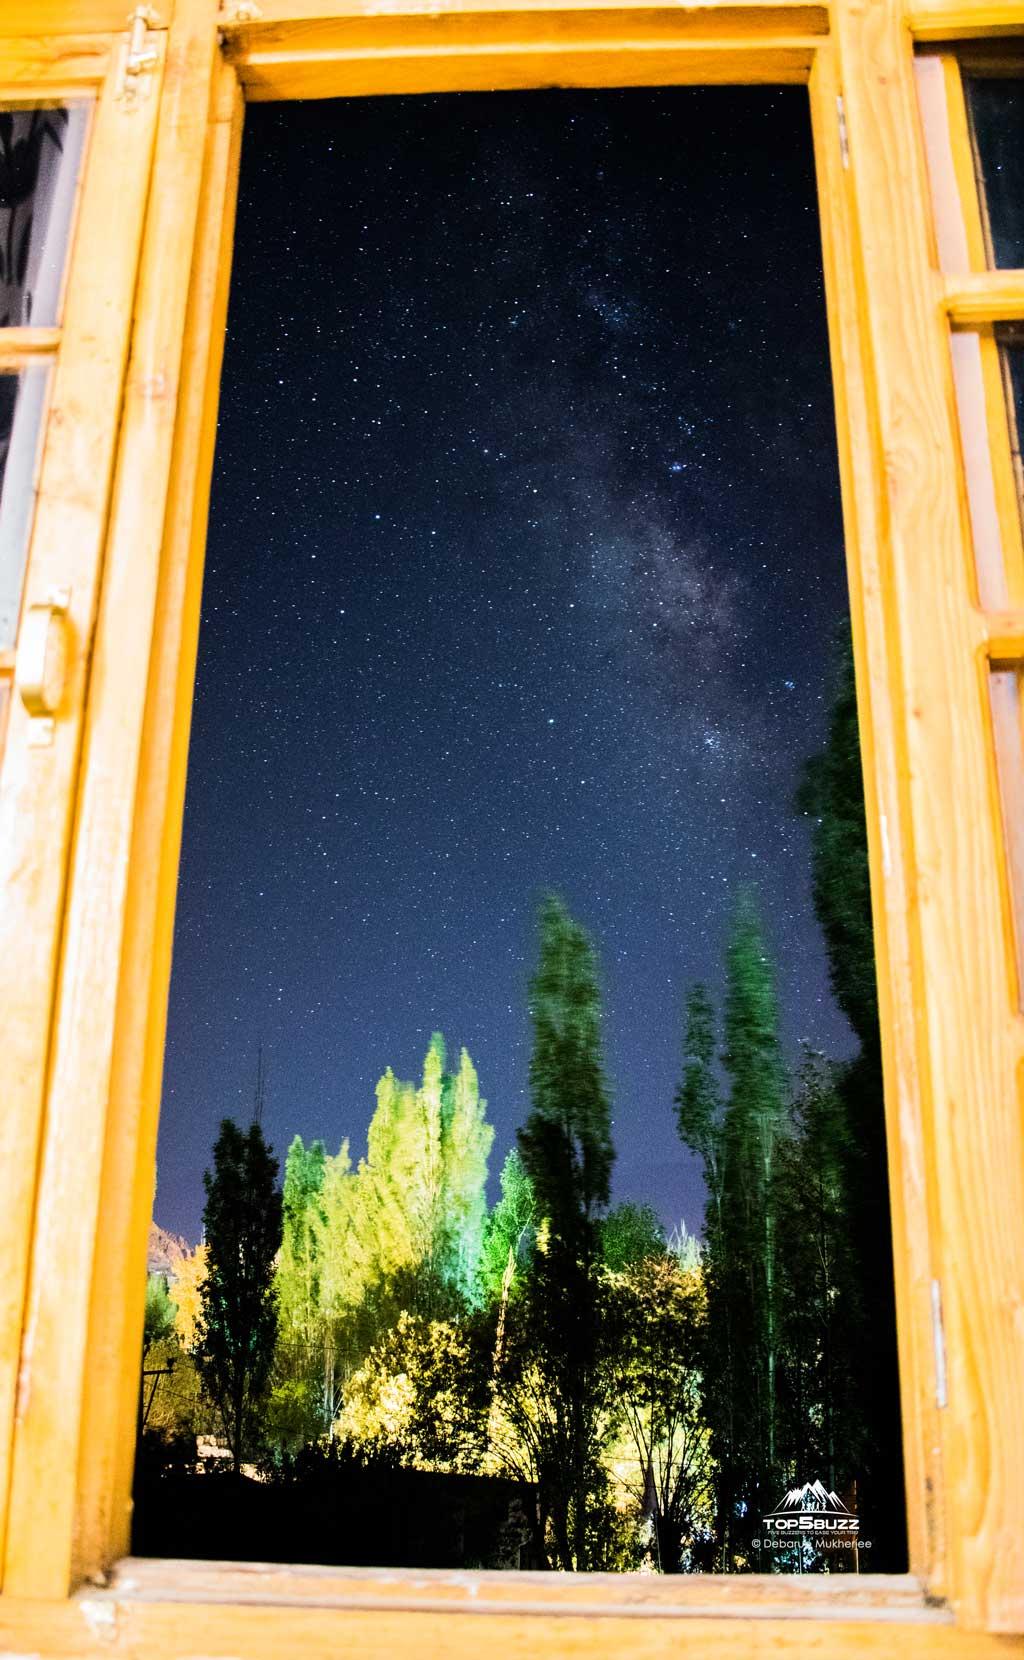 Milky Way from leh hotel